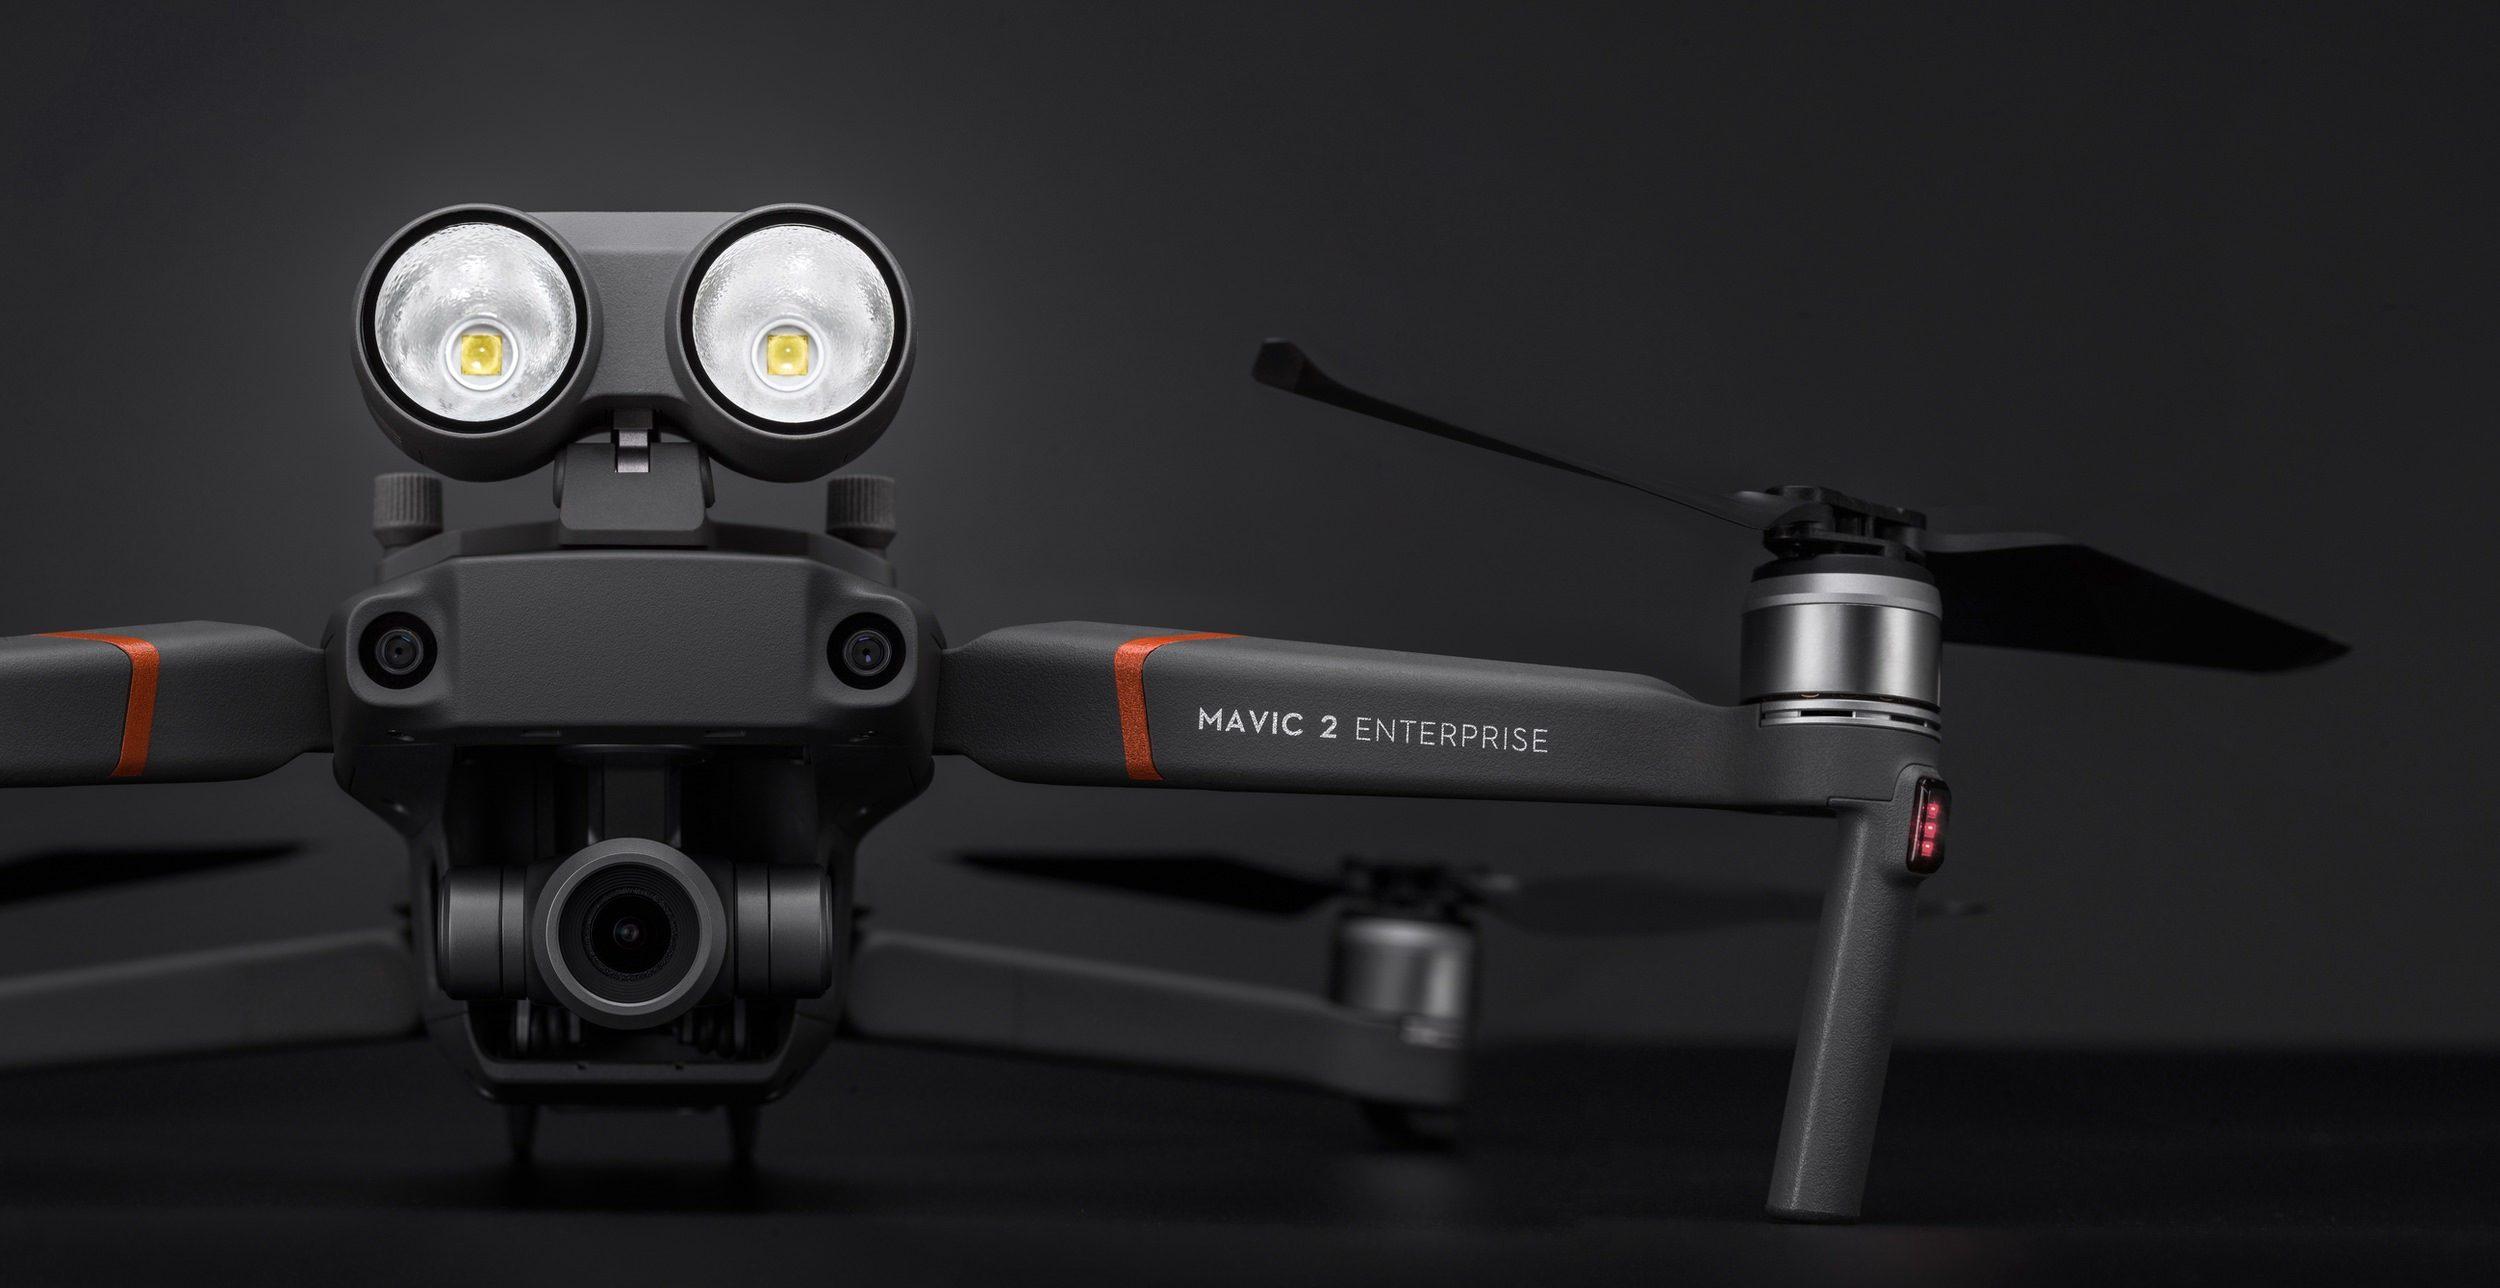 Mavic 2 Enterprise Spotlight